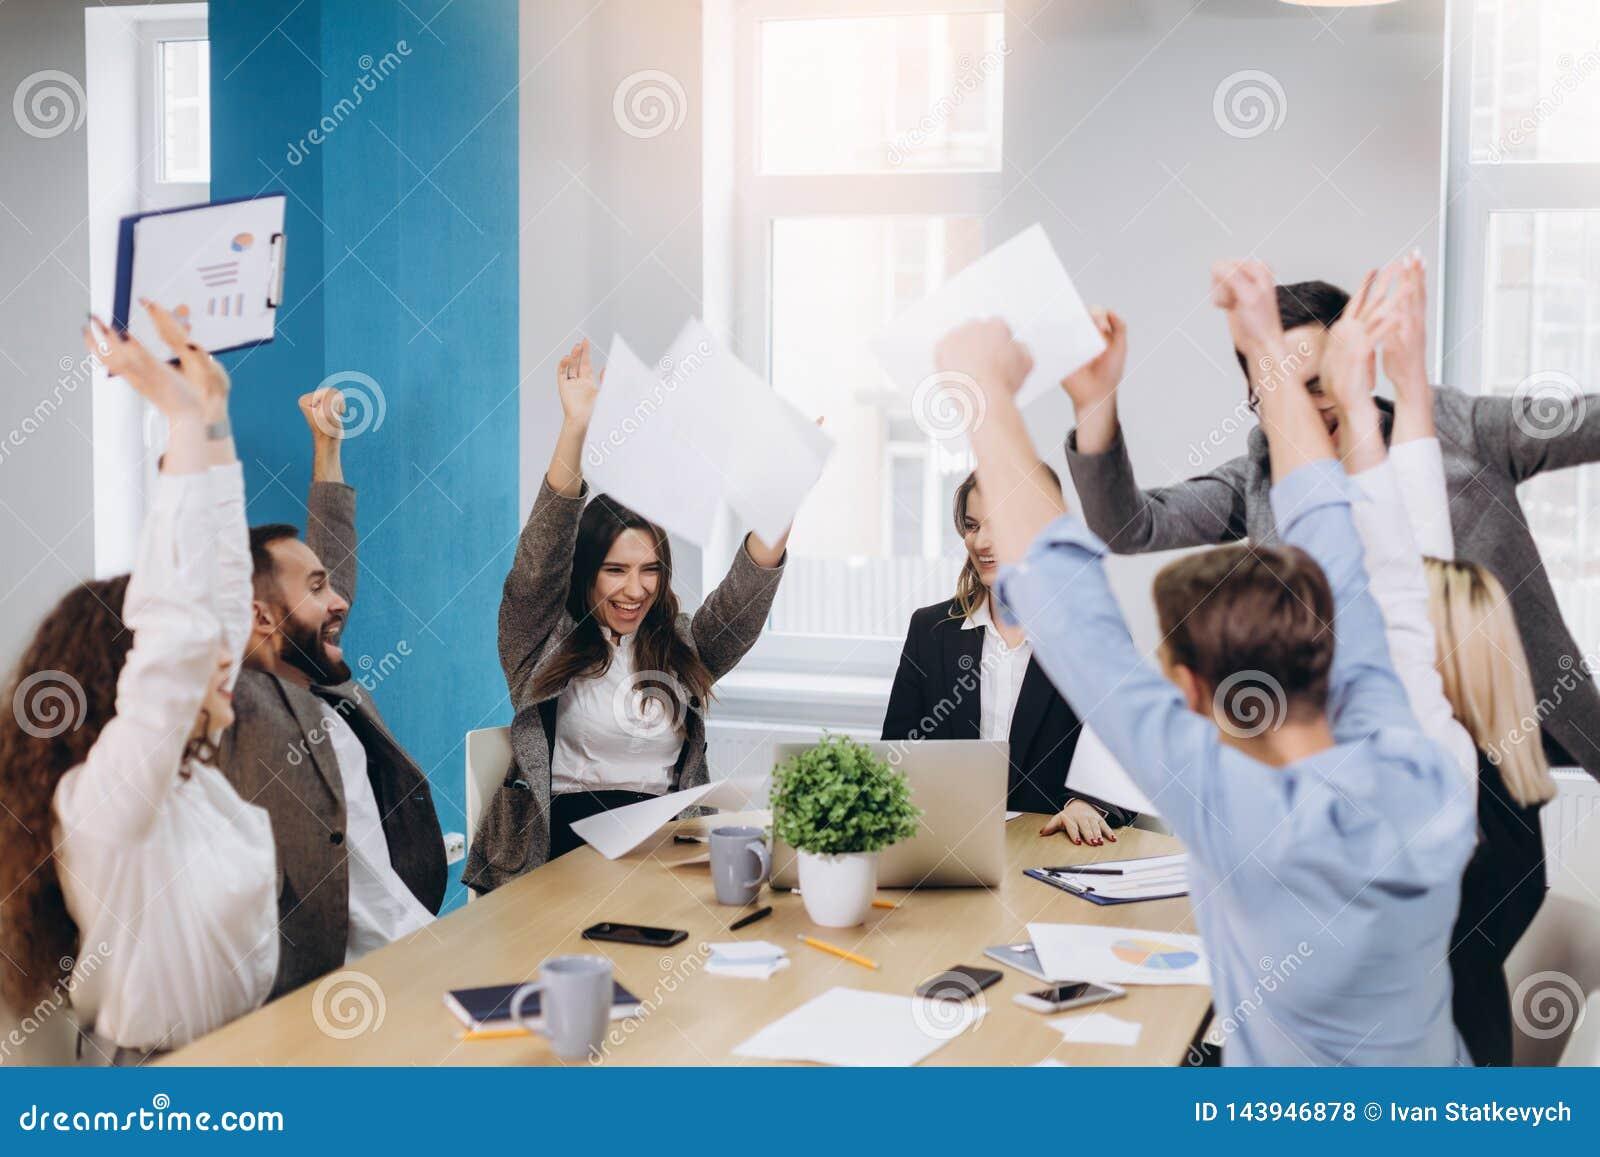 Η διαφορετική ευτυχής ομάδα Multiethnic γιορτάζει την επιτυχία προγράμματος ρίχνει το έγγραφο επάνω από κοινού Εταιρική κοινότητα